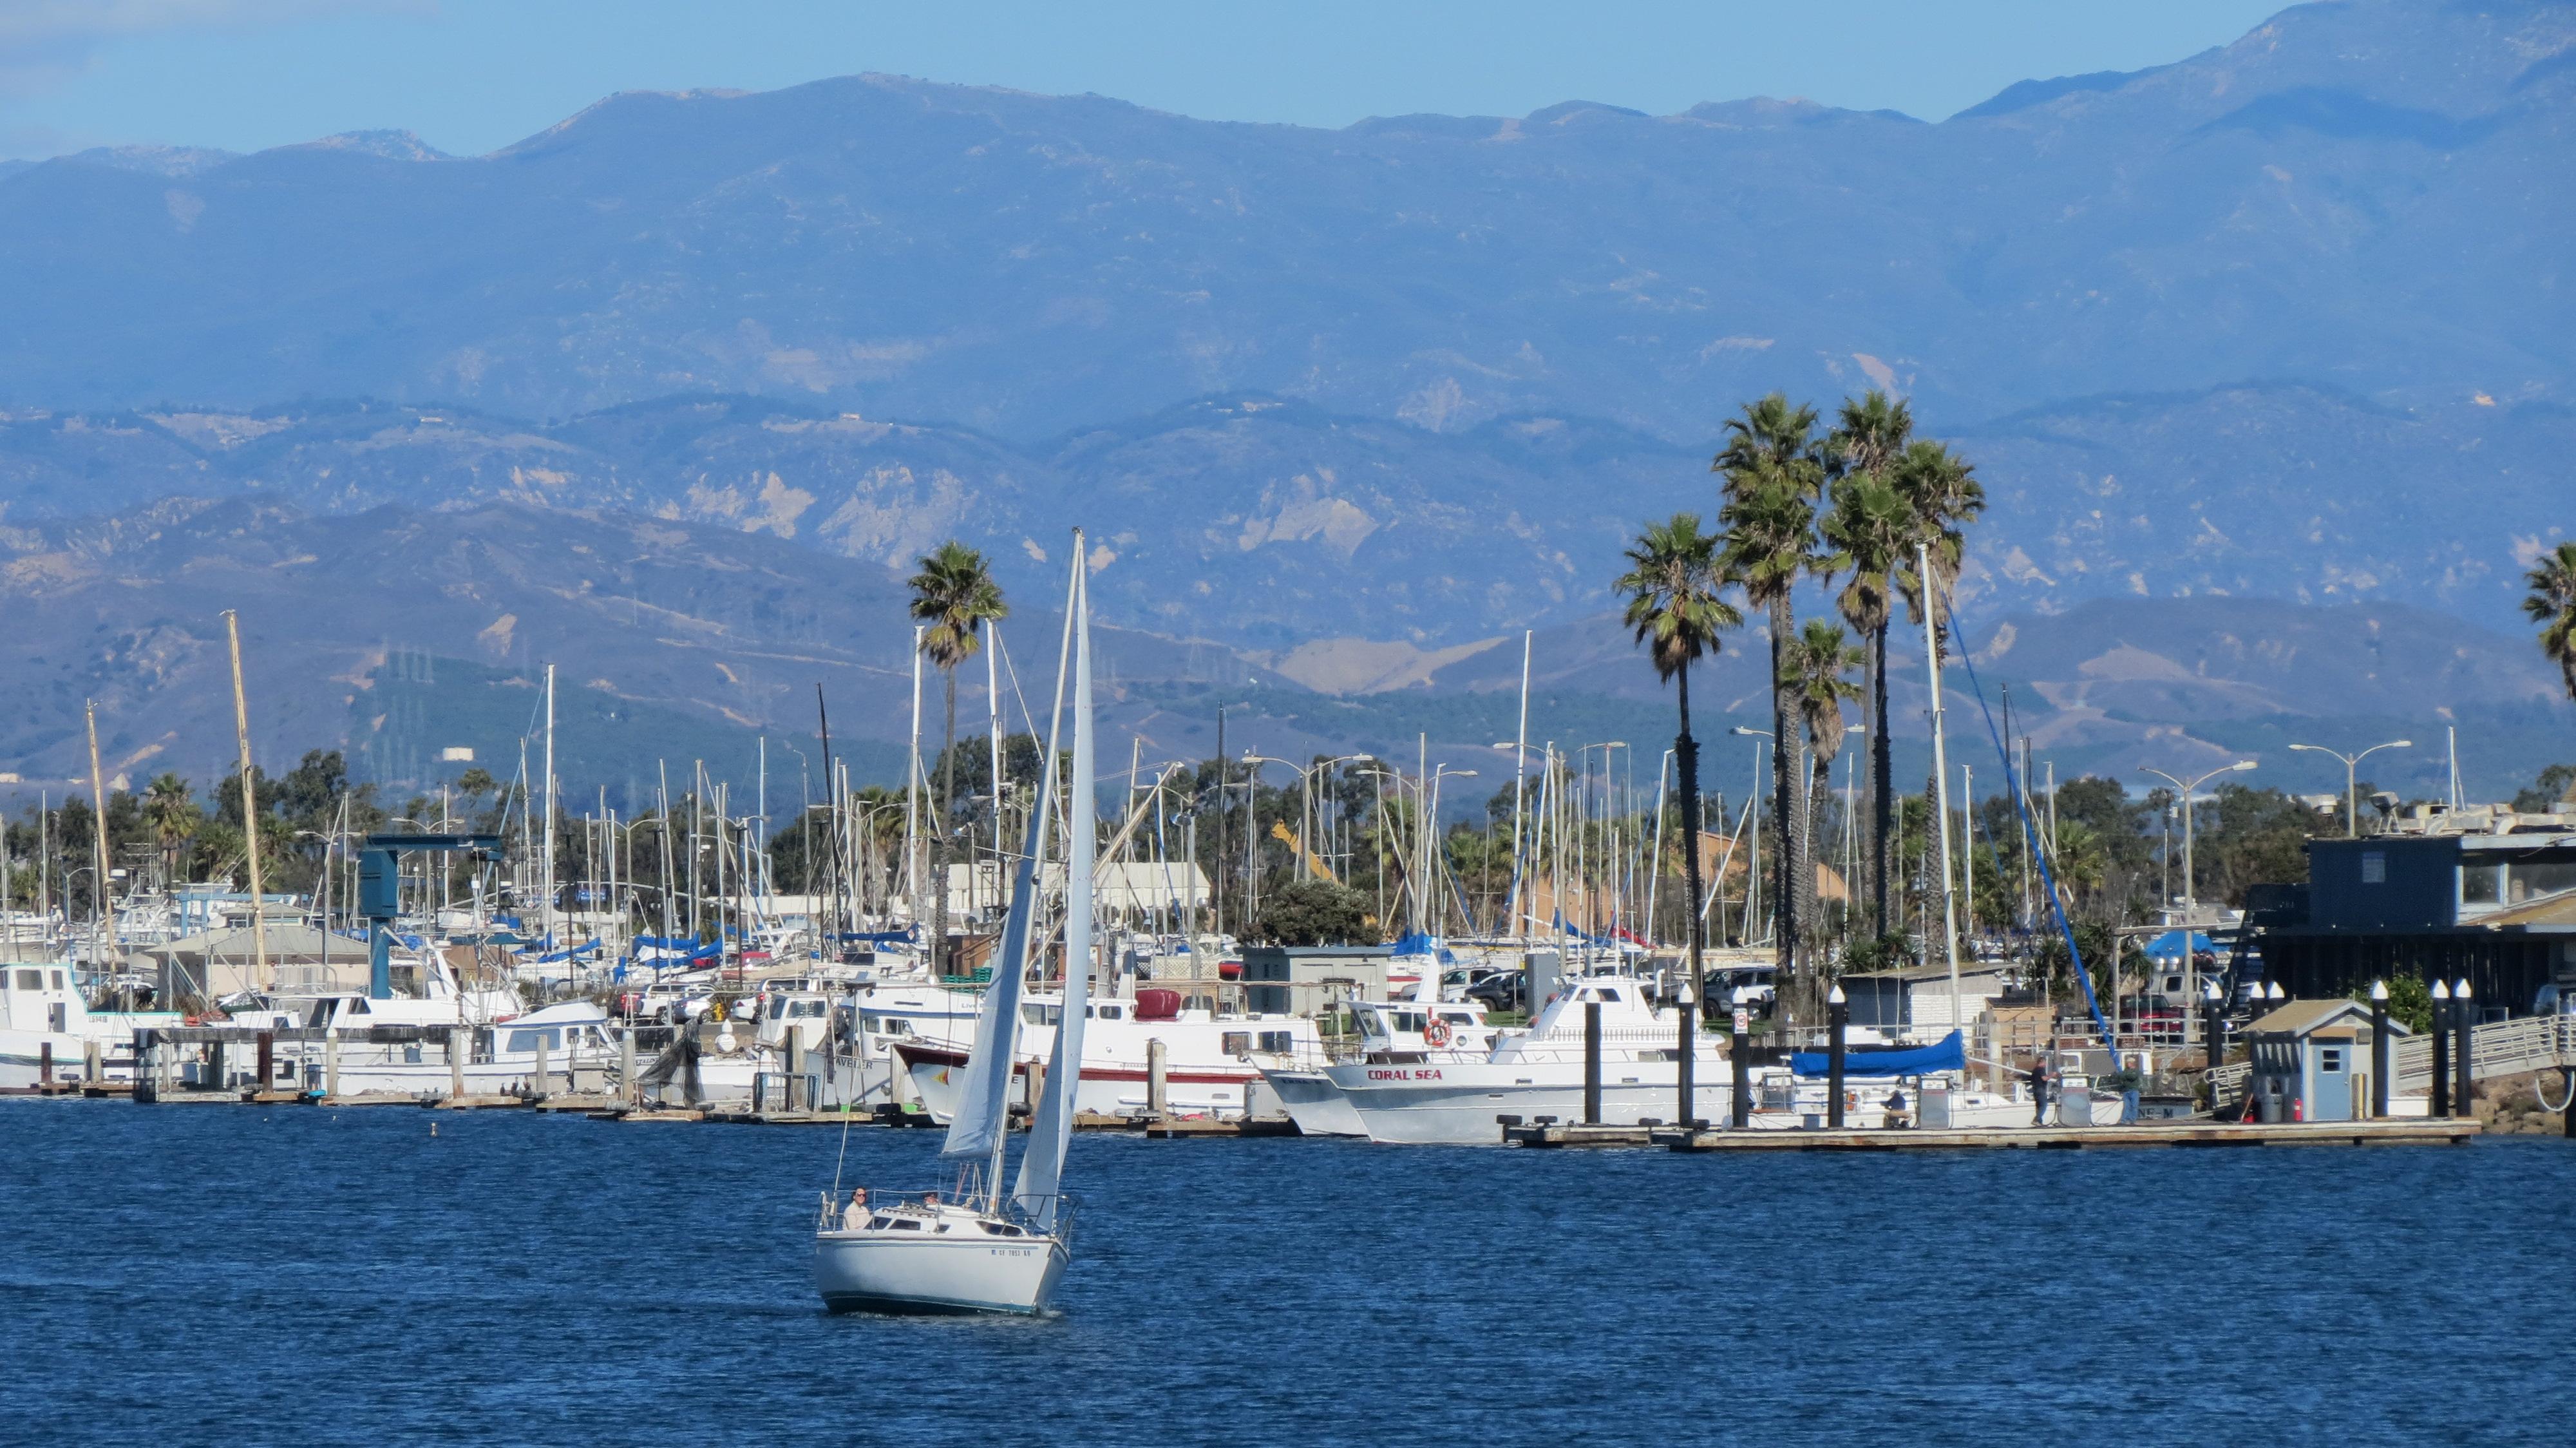 Sailing ship at Ventura Harbor